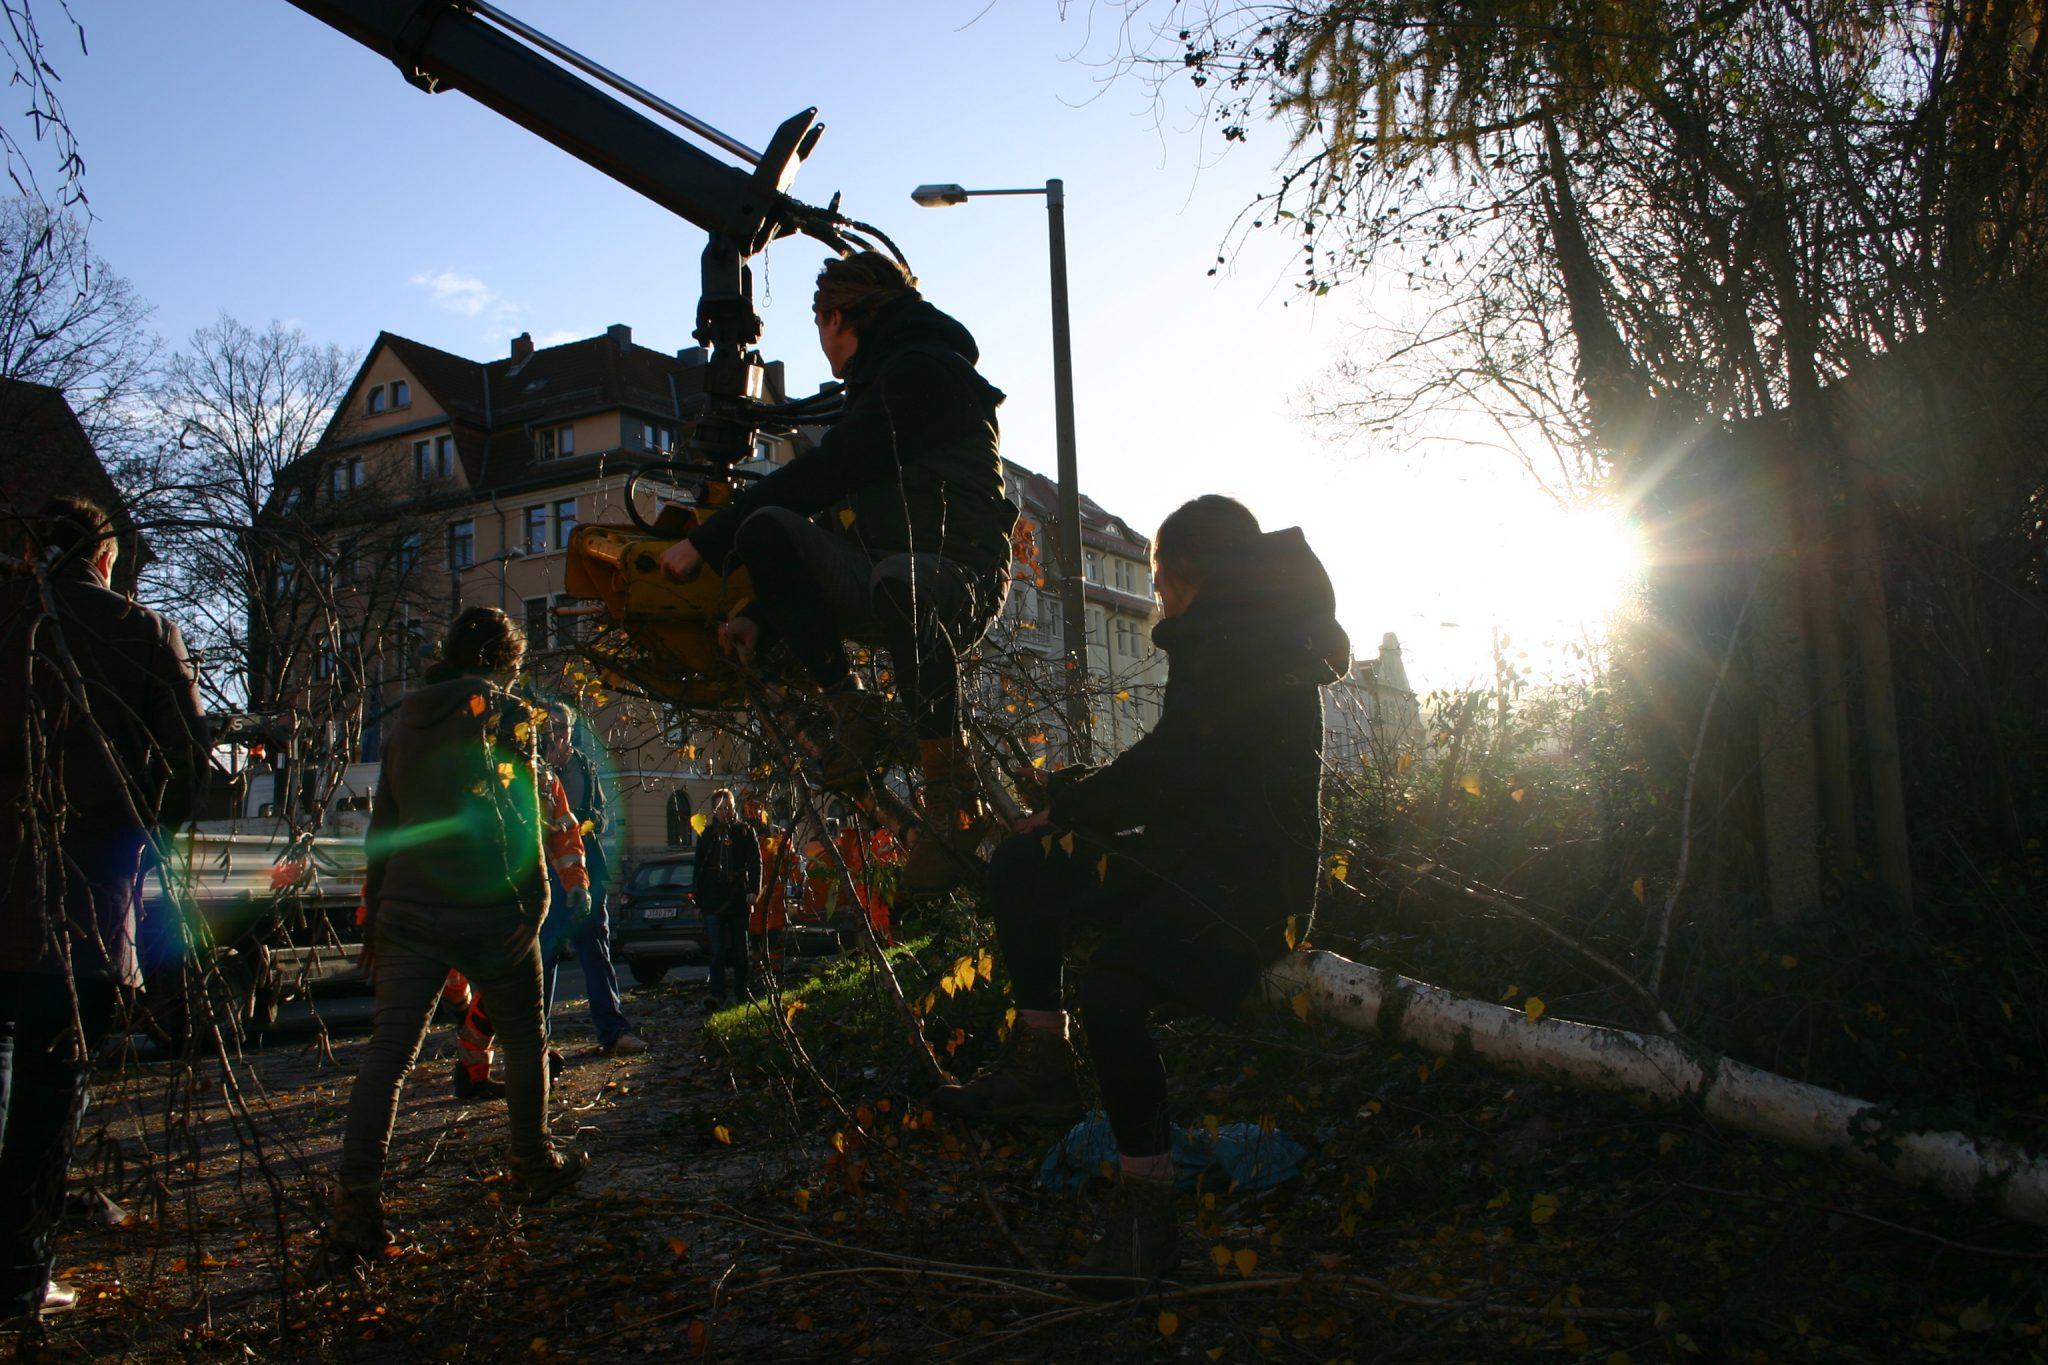 Reportage: 2 Tage Räumung des Inselgartens – von Schlägen mit Latten, akuter Lebensgefahr und Holztauziehen